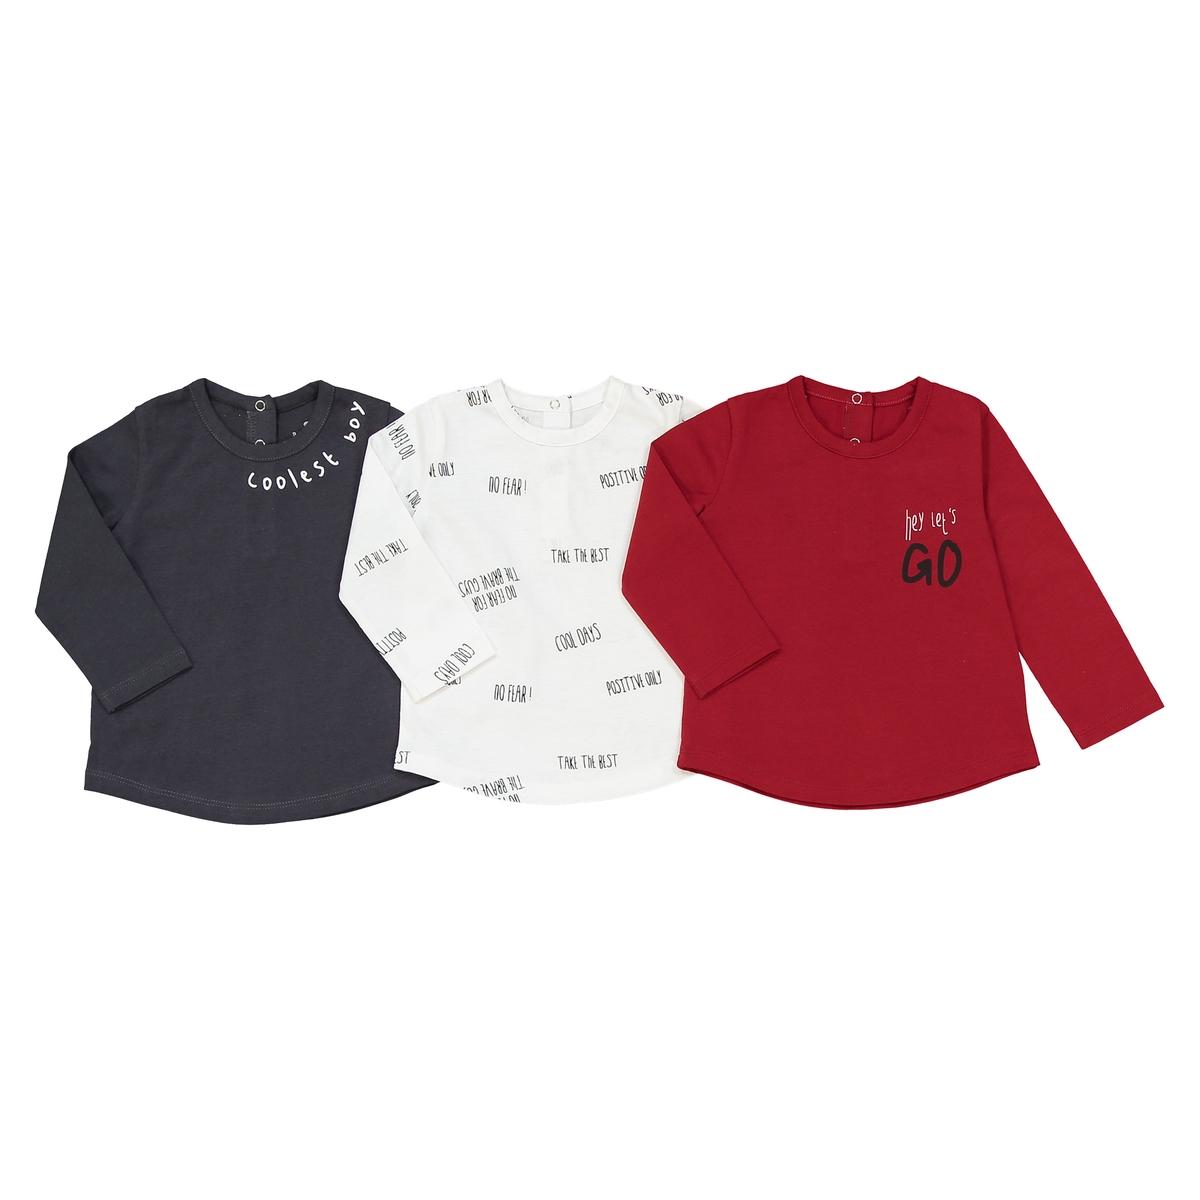 Комплект из 3 футболок с длинными рукавами, 1 мес. - 3 года комплект из 2 футболок в полоску 1 мес 3 года знак oeko tex